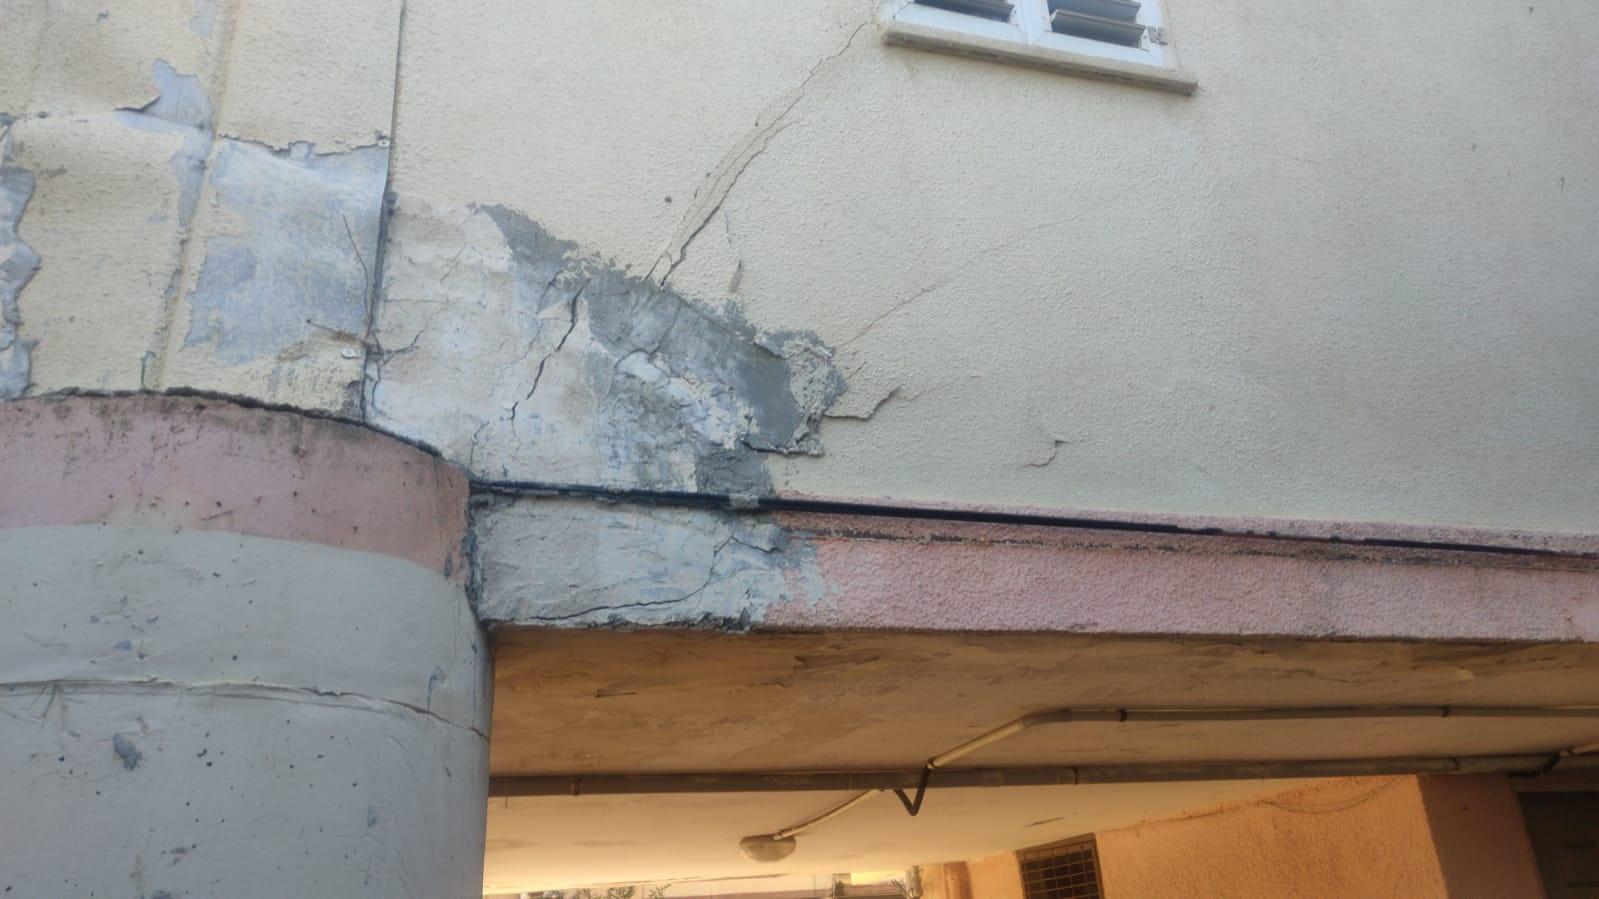 הסדקים שהתגלו בבניין ברחוב אחוה (צילום: דוברות כבאות והצלה לישראל מחוז חוף)